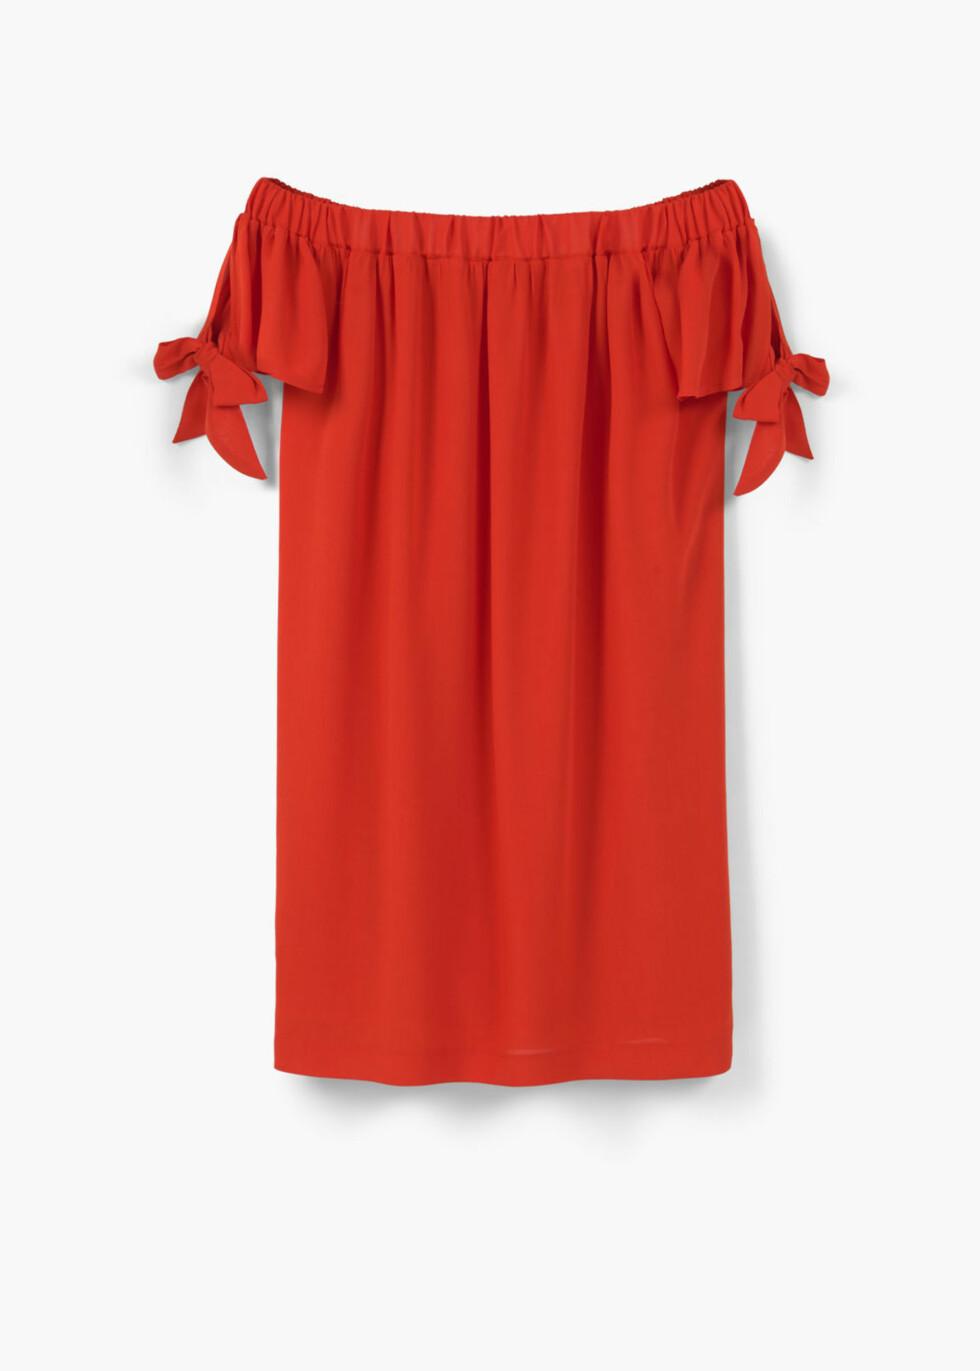 Kjole fra Mango, kr 399. Foto: Produsenten